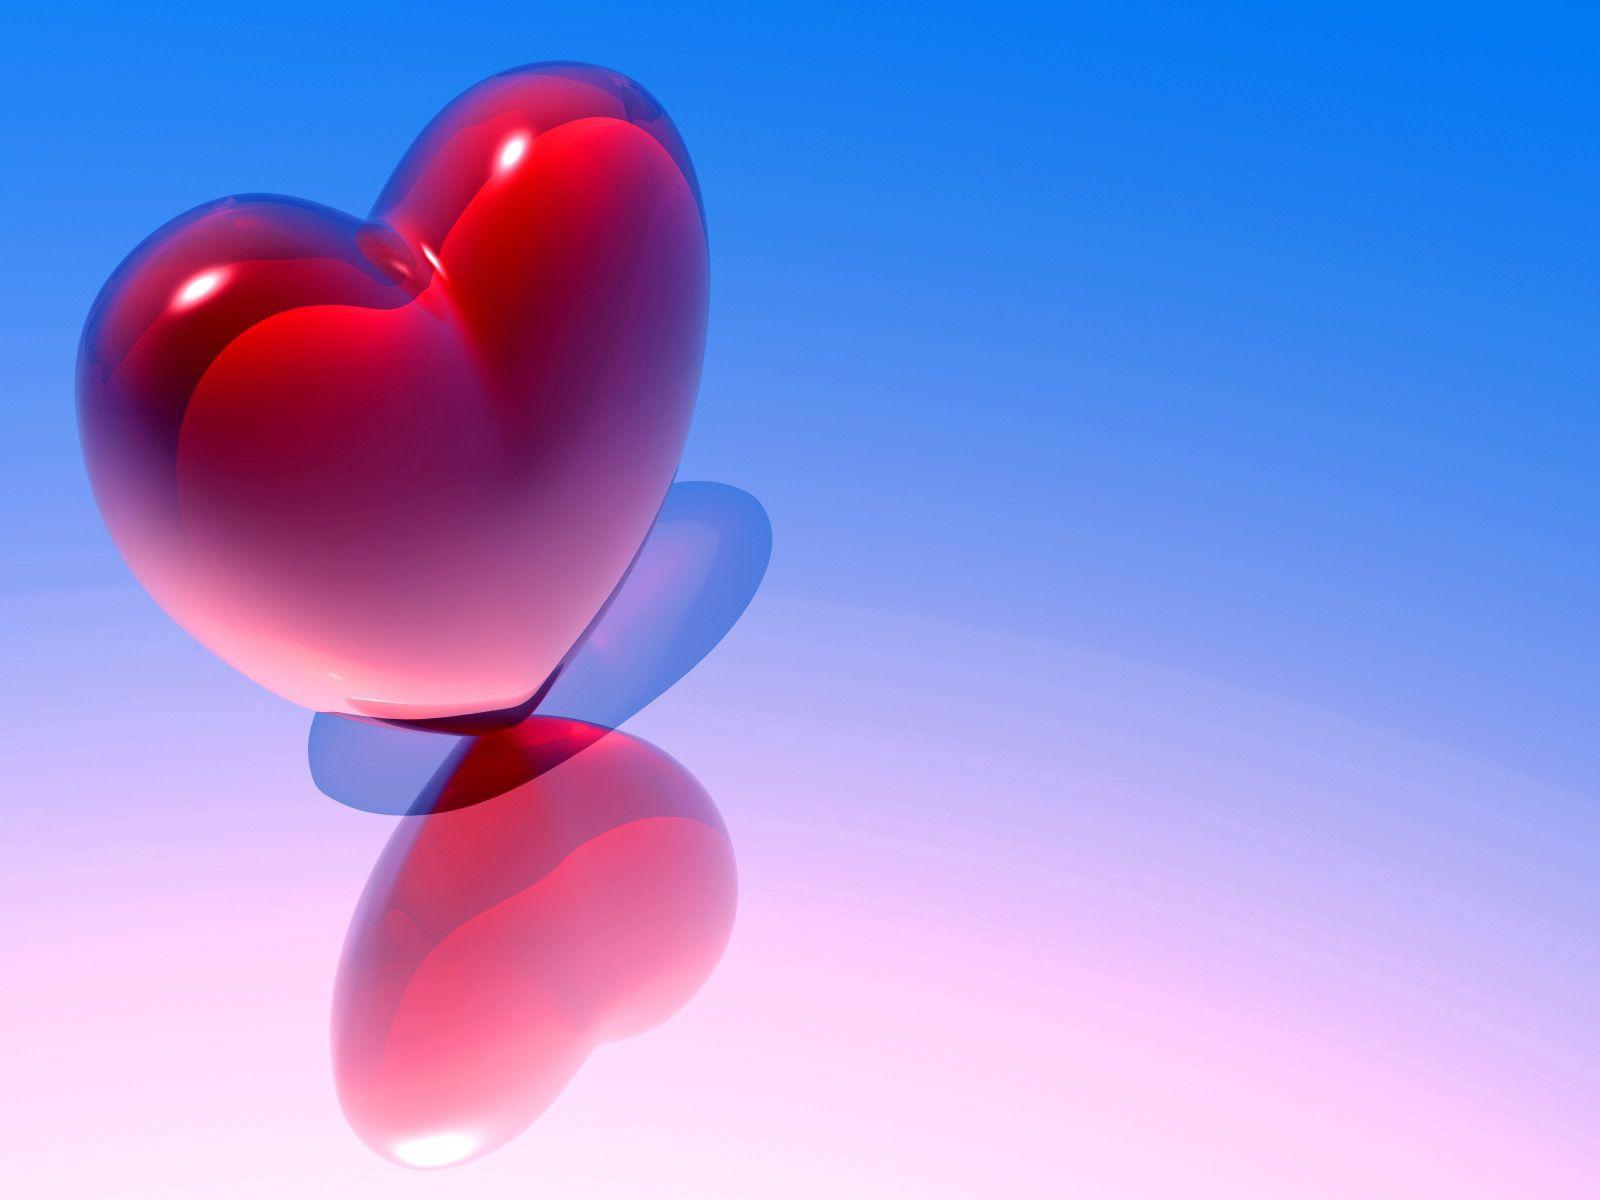 53555 Salvapantallas y fondos de pantalla Fondo en tu teléfono. Descarga imágenes de Un Corazón, Corazón, Amor, Fondo gratis